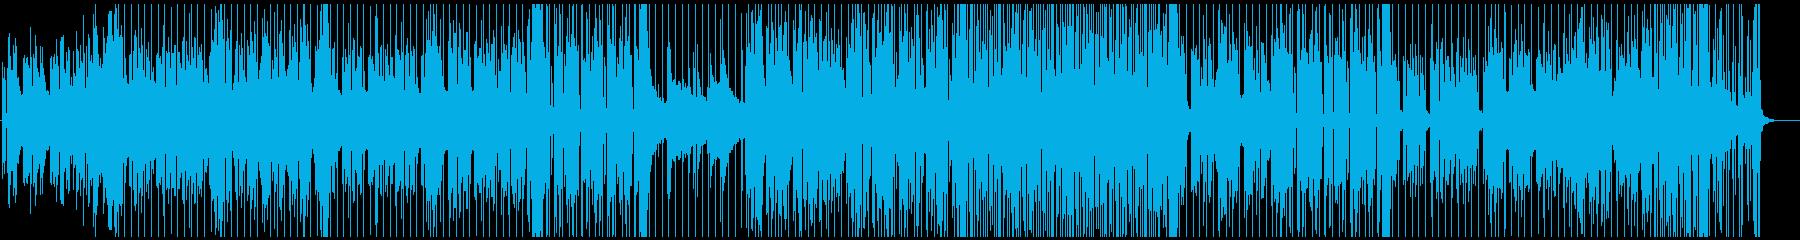 メロウなエレクトロニカ、甘く切ない の再生済みの波形